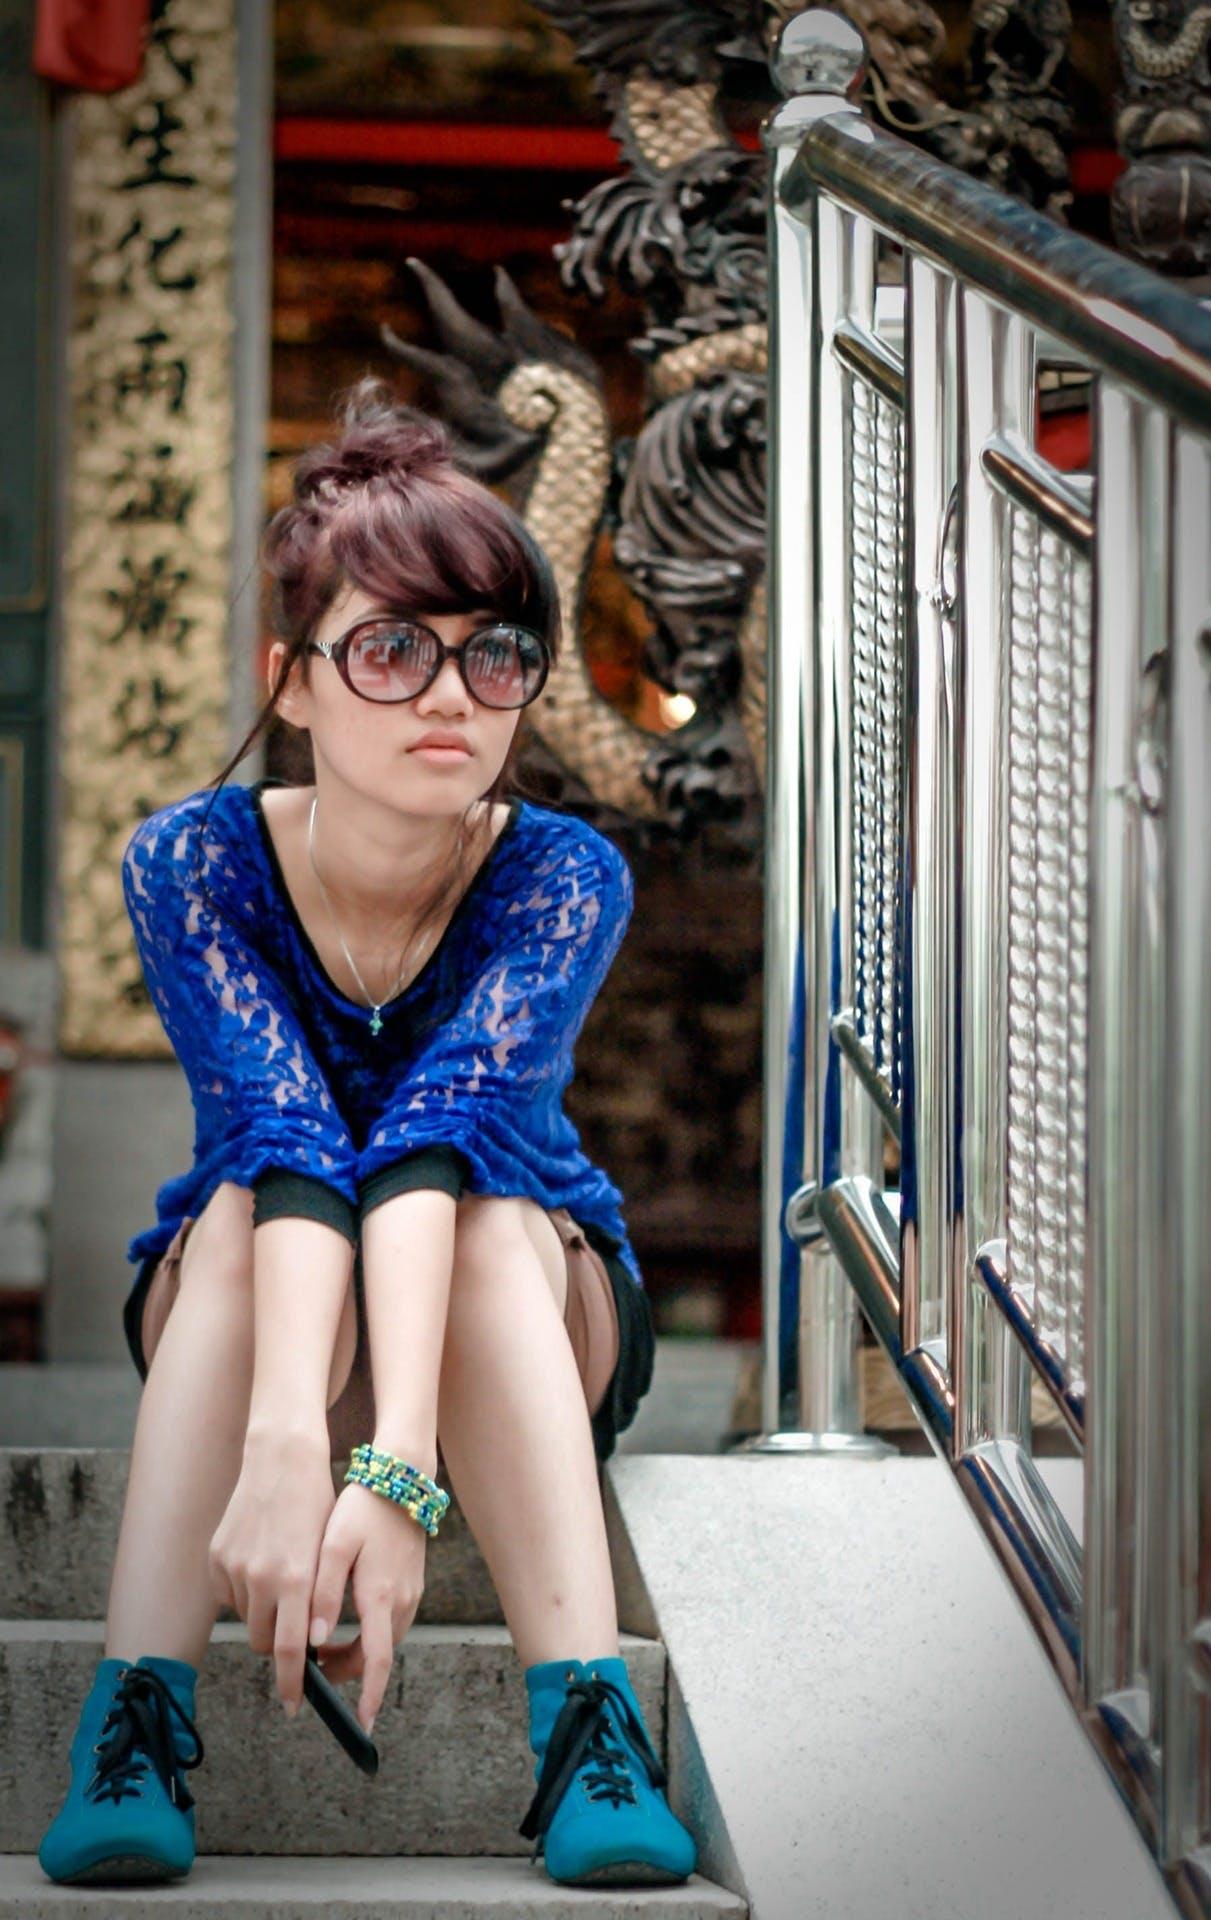 Free stock photo of fashion, woman, blue, girls